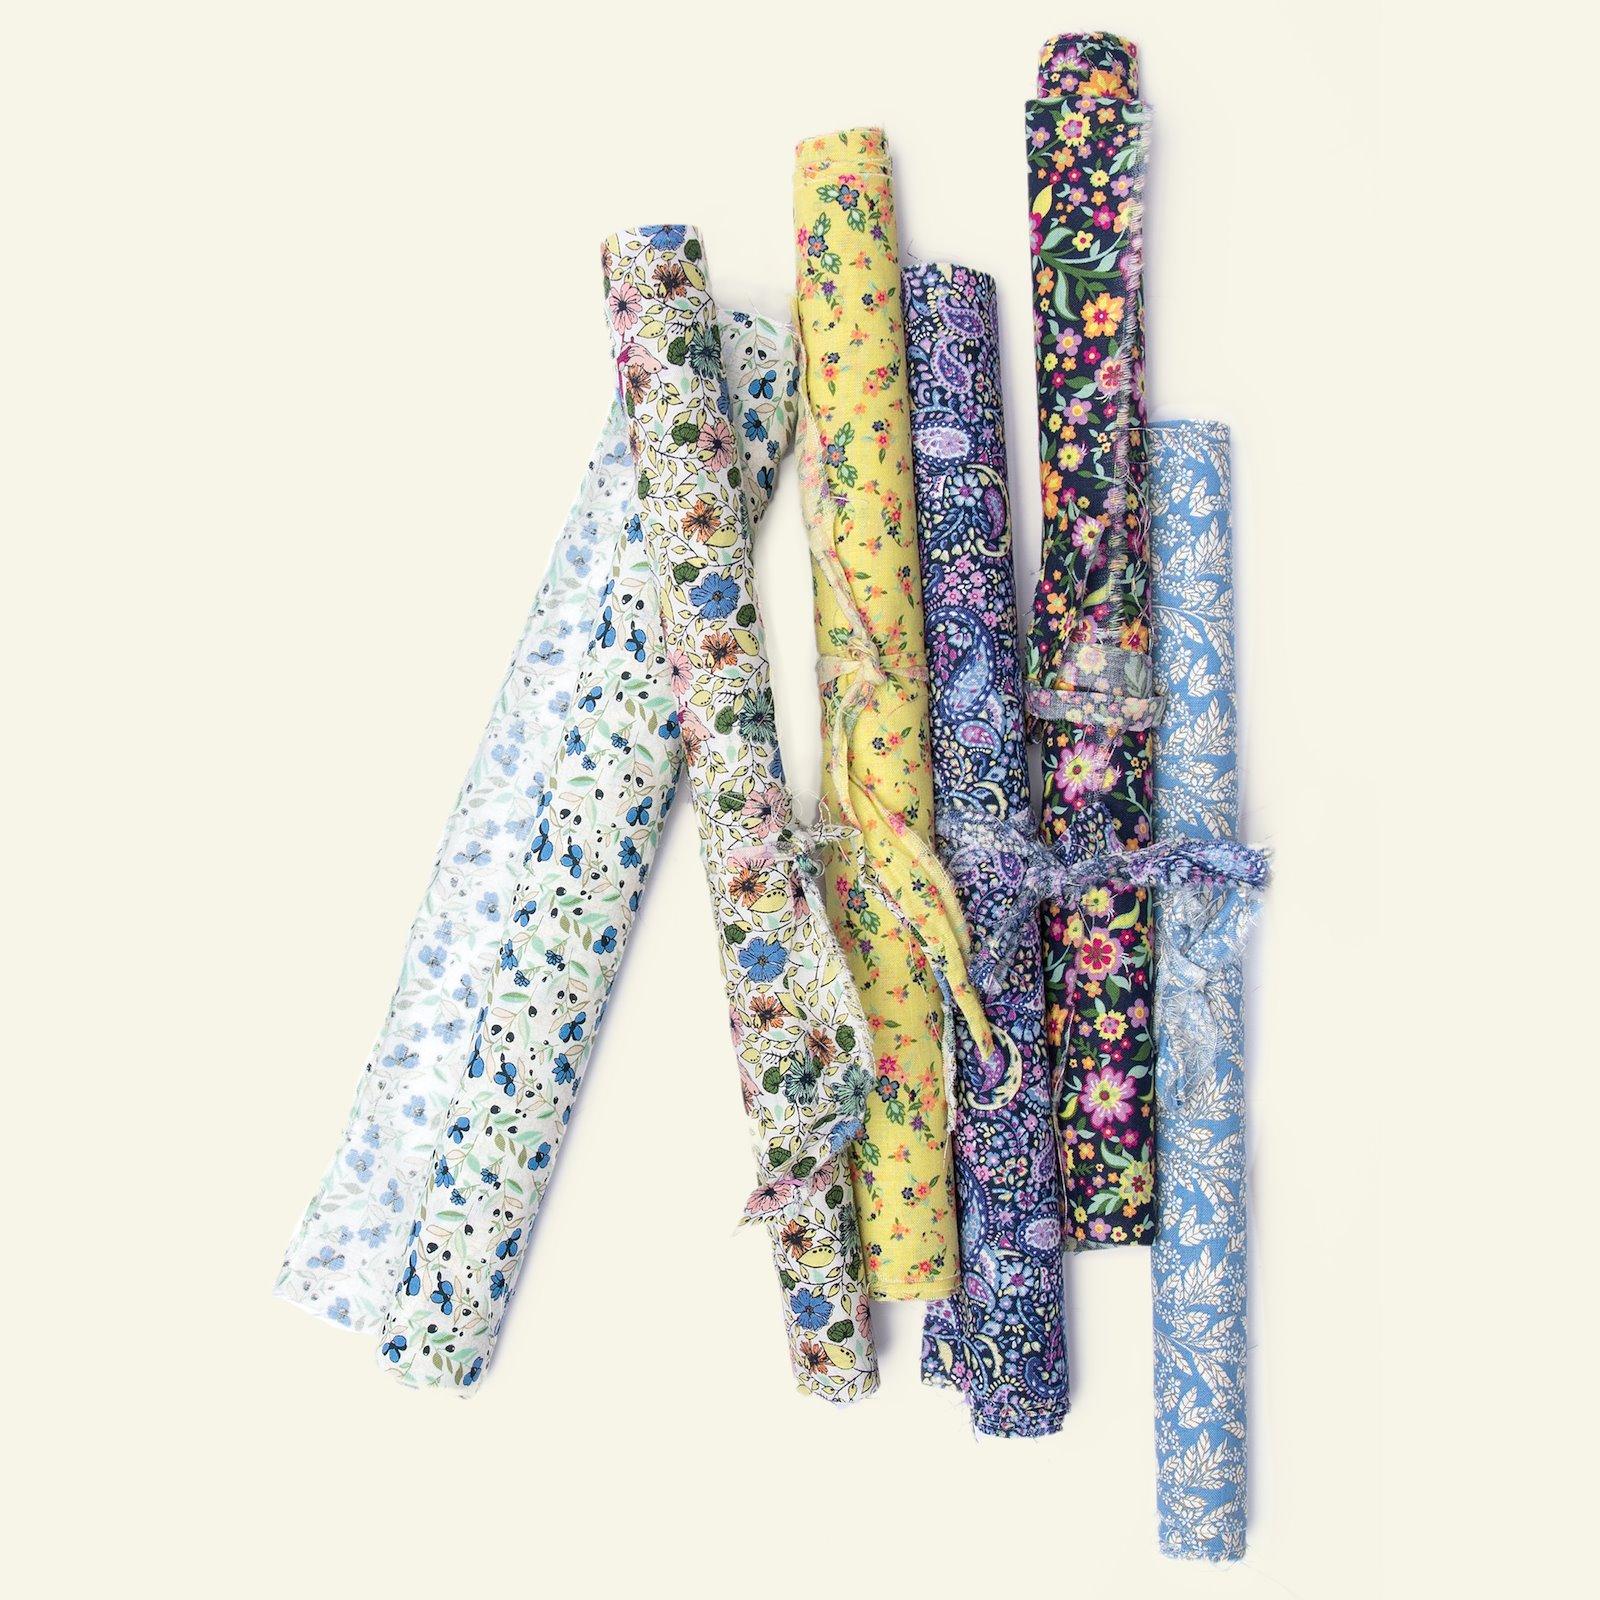 Cotton beige with blue flowers 852359_852364_852363_852366_852362_852365_92440_92437_92441_92434_92439_92438_bundle